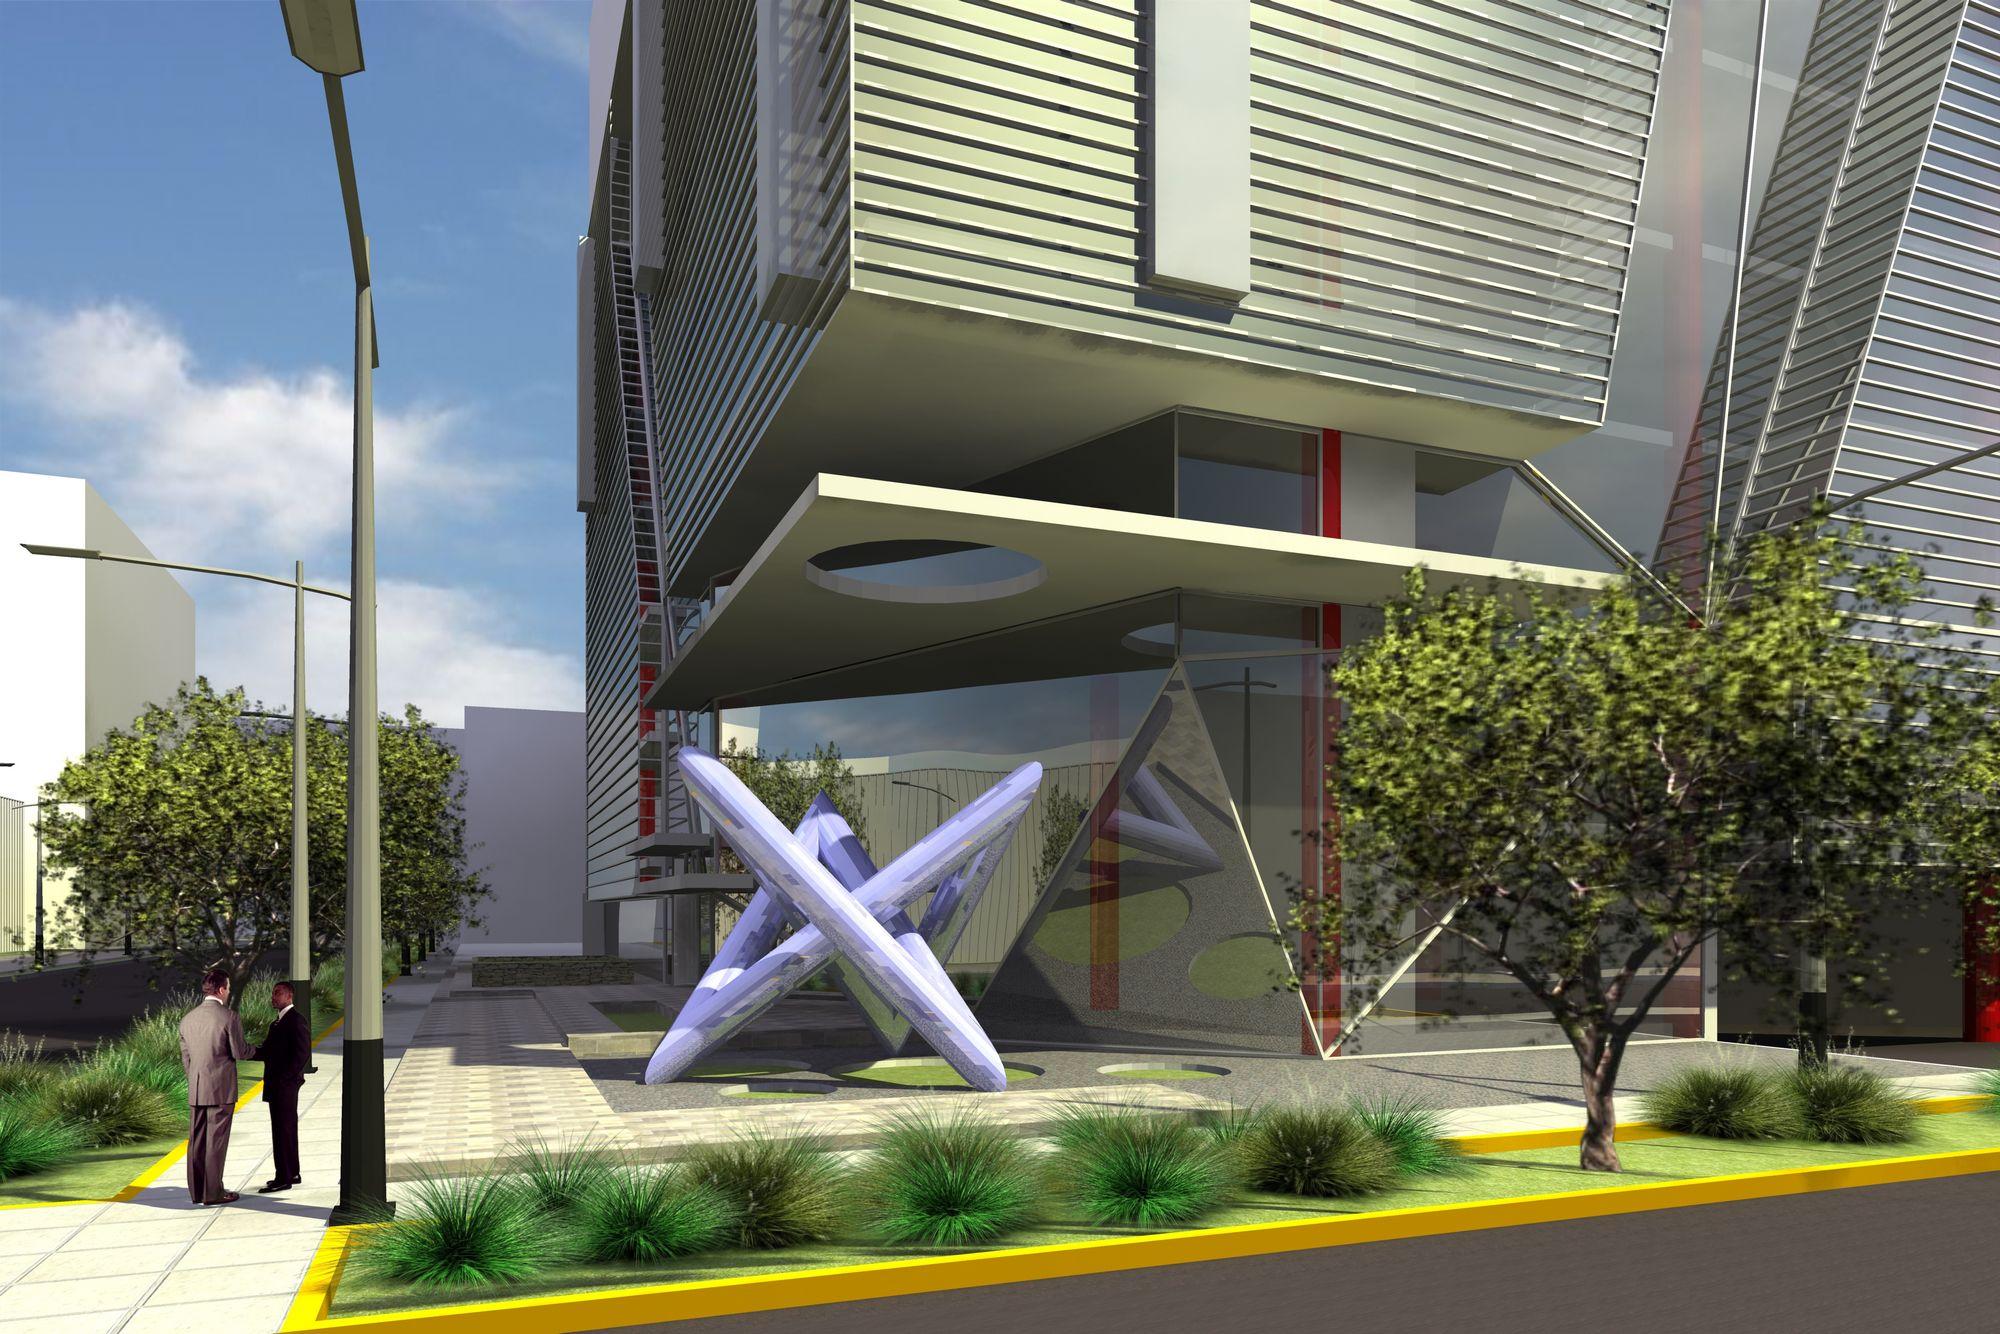 Diego del Castillo - Juan de Arona - oaudarq-02.jpg